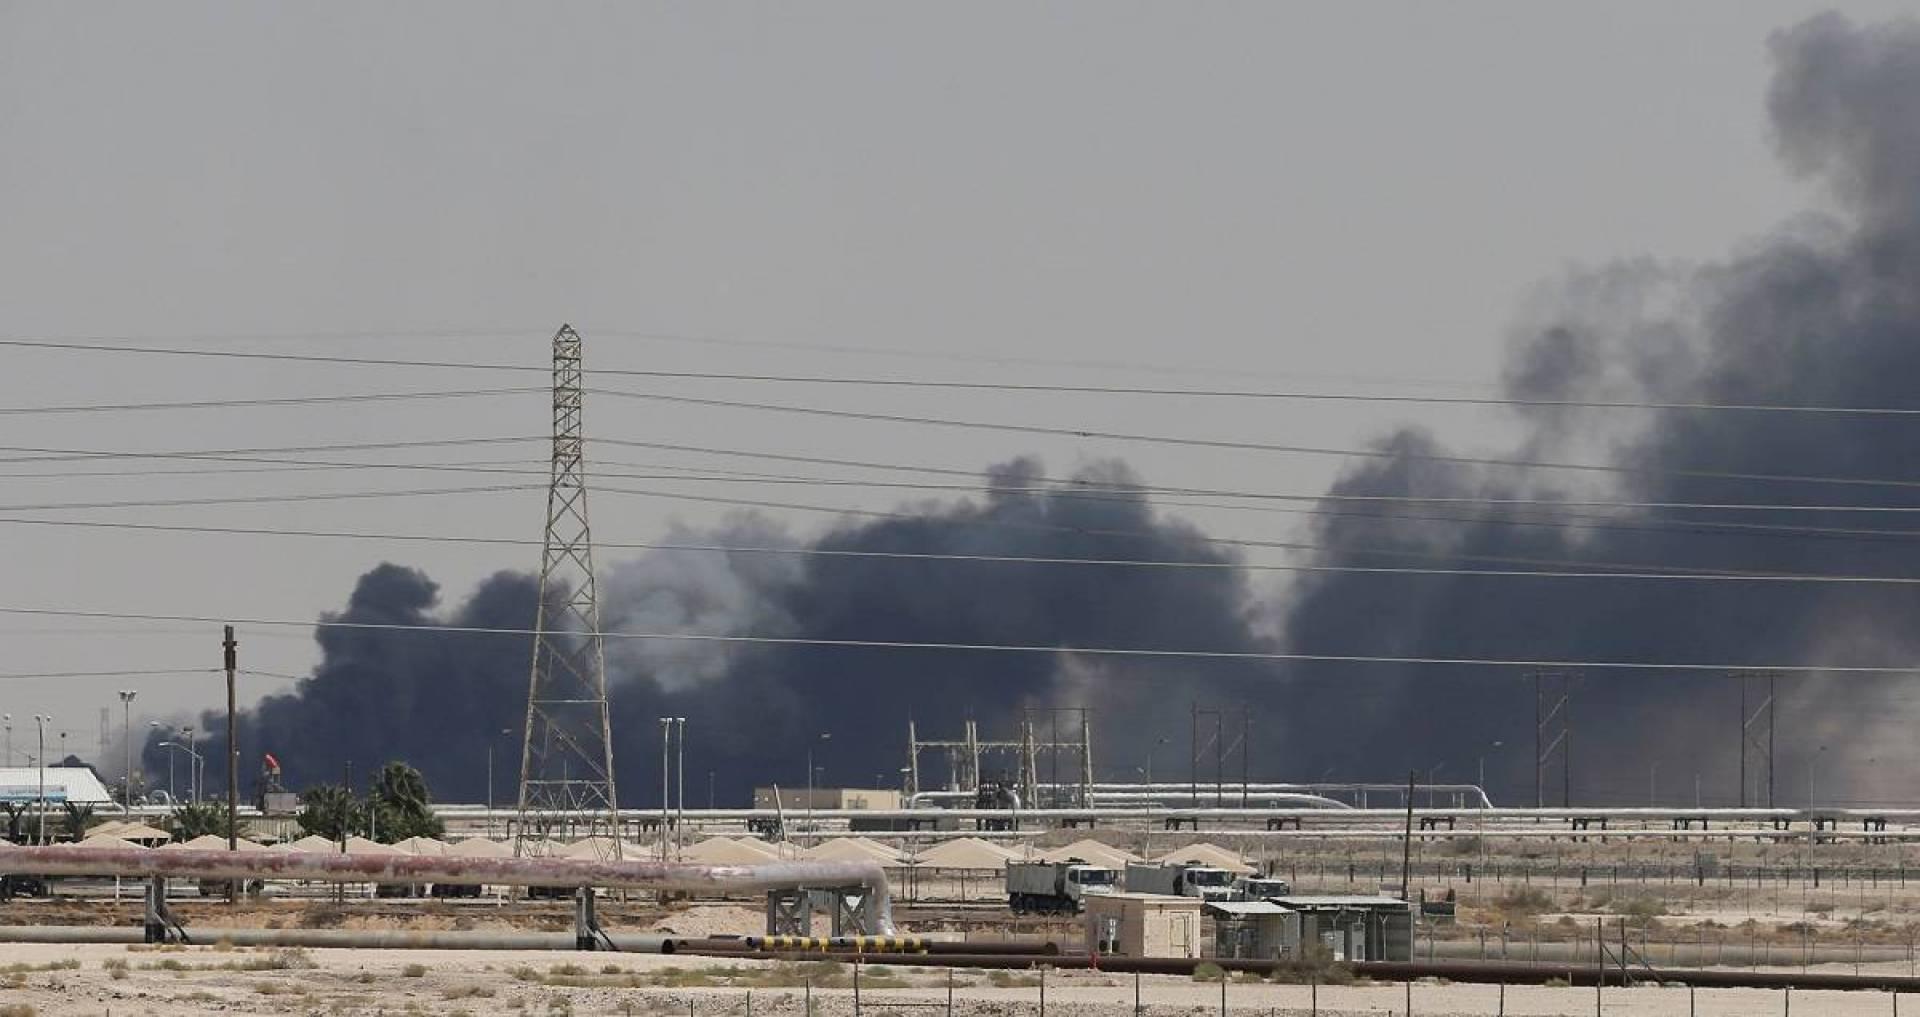 مصر والأردن والعراق يعلنون تضامنهم مع السعودية ضد الاعتداءات على منشآتها النفطية